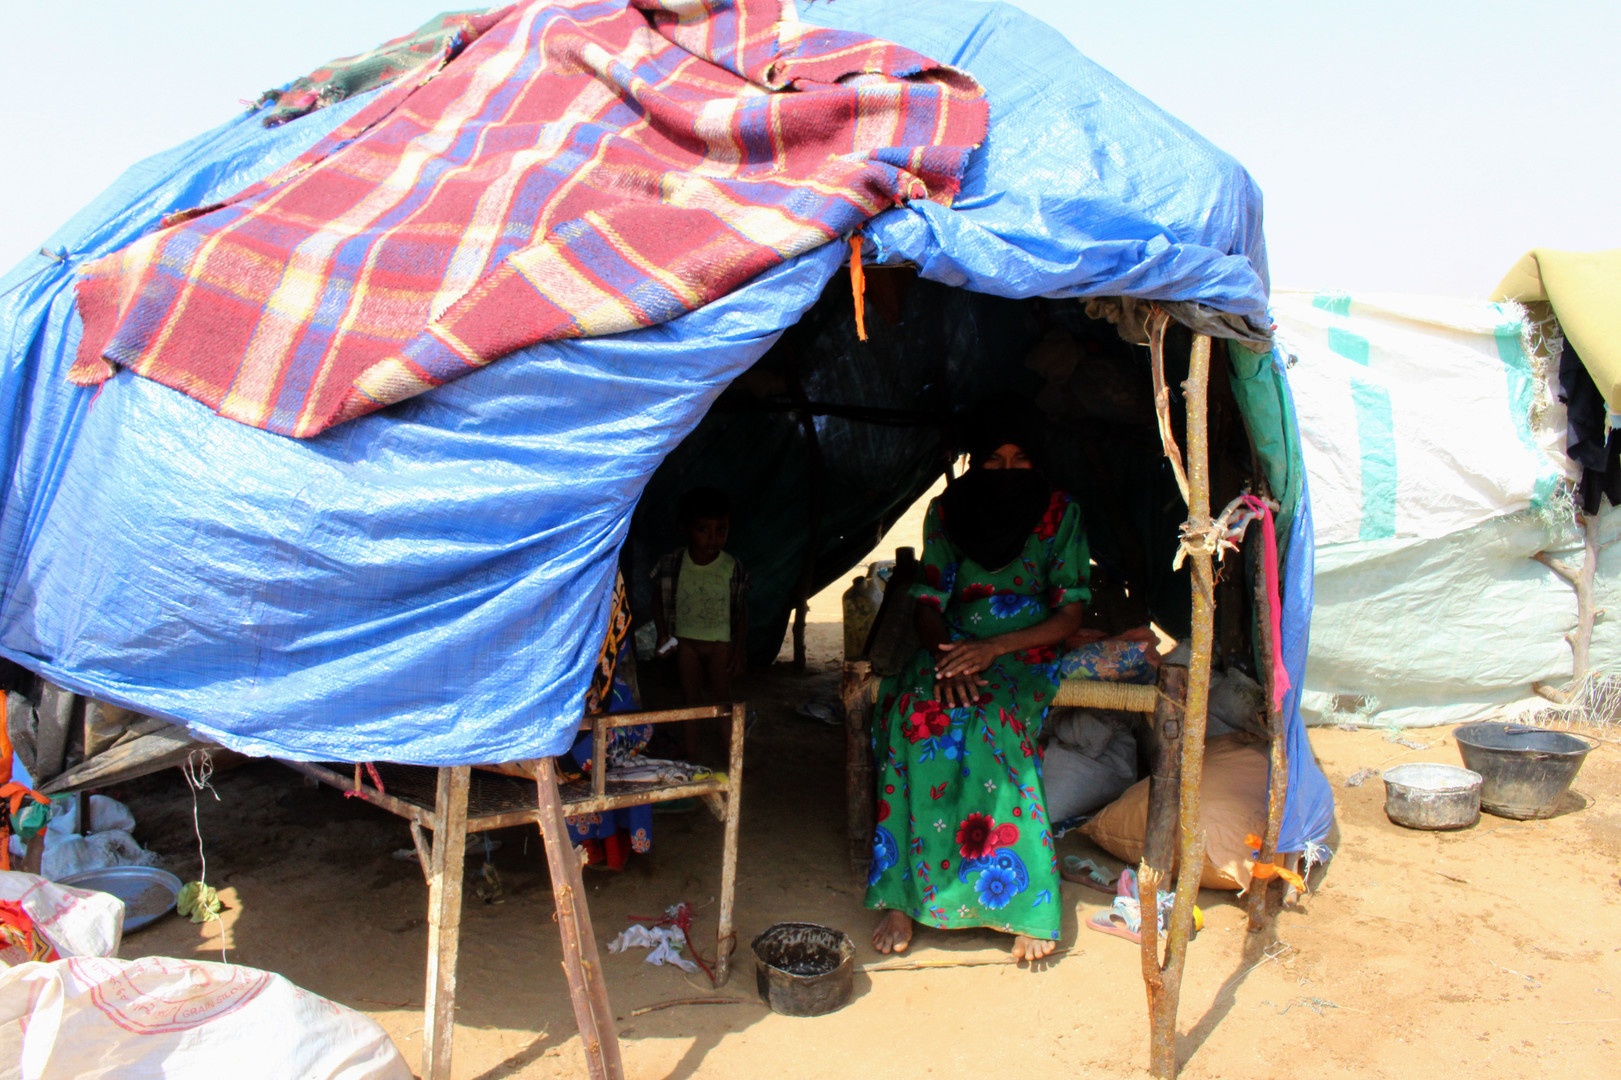 Eine vertriebene jemenitische Frau aus Hodeida sitzt am 16. September 2018 in ihrem Unterschlupf in einem provisorischen Lager in einem Dorf im nördlichen Bezirk Abs in der Provinz Hadscha.